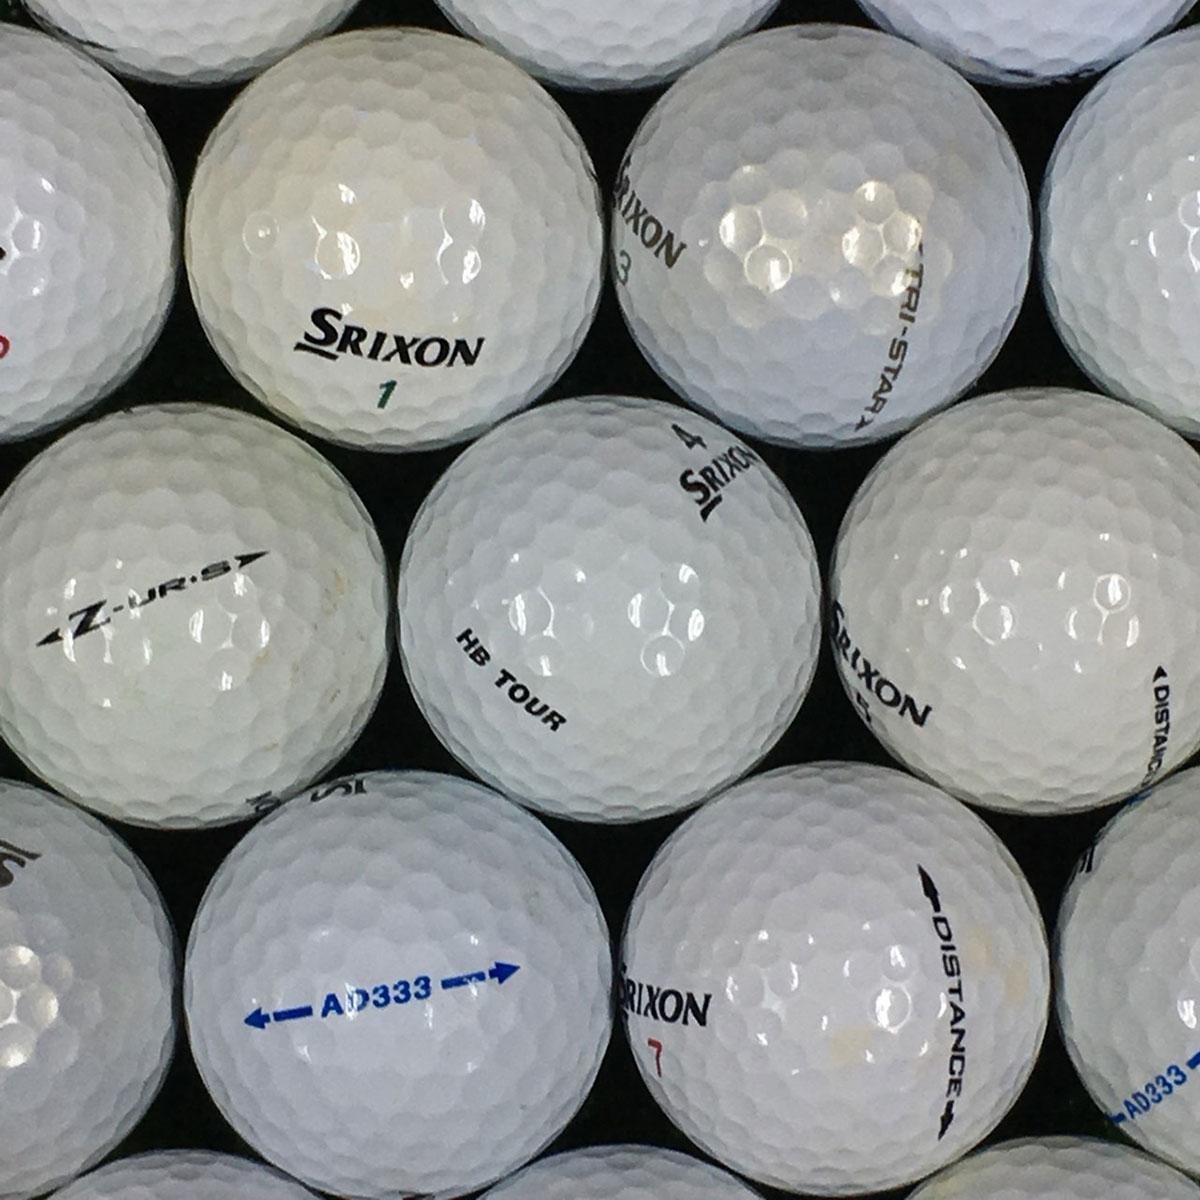 ロストボール Lost Ball SRIXON 銘柄混合 練習用ボール 500個セット[ロストボール Lost Ball ゴルフ用品 GOLF GDO ボール ゴルフボール プレゼント ギフト 通販 ]